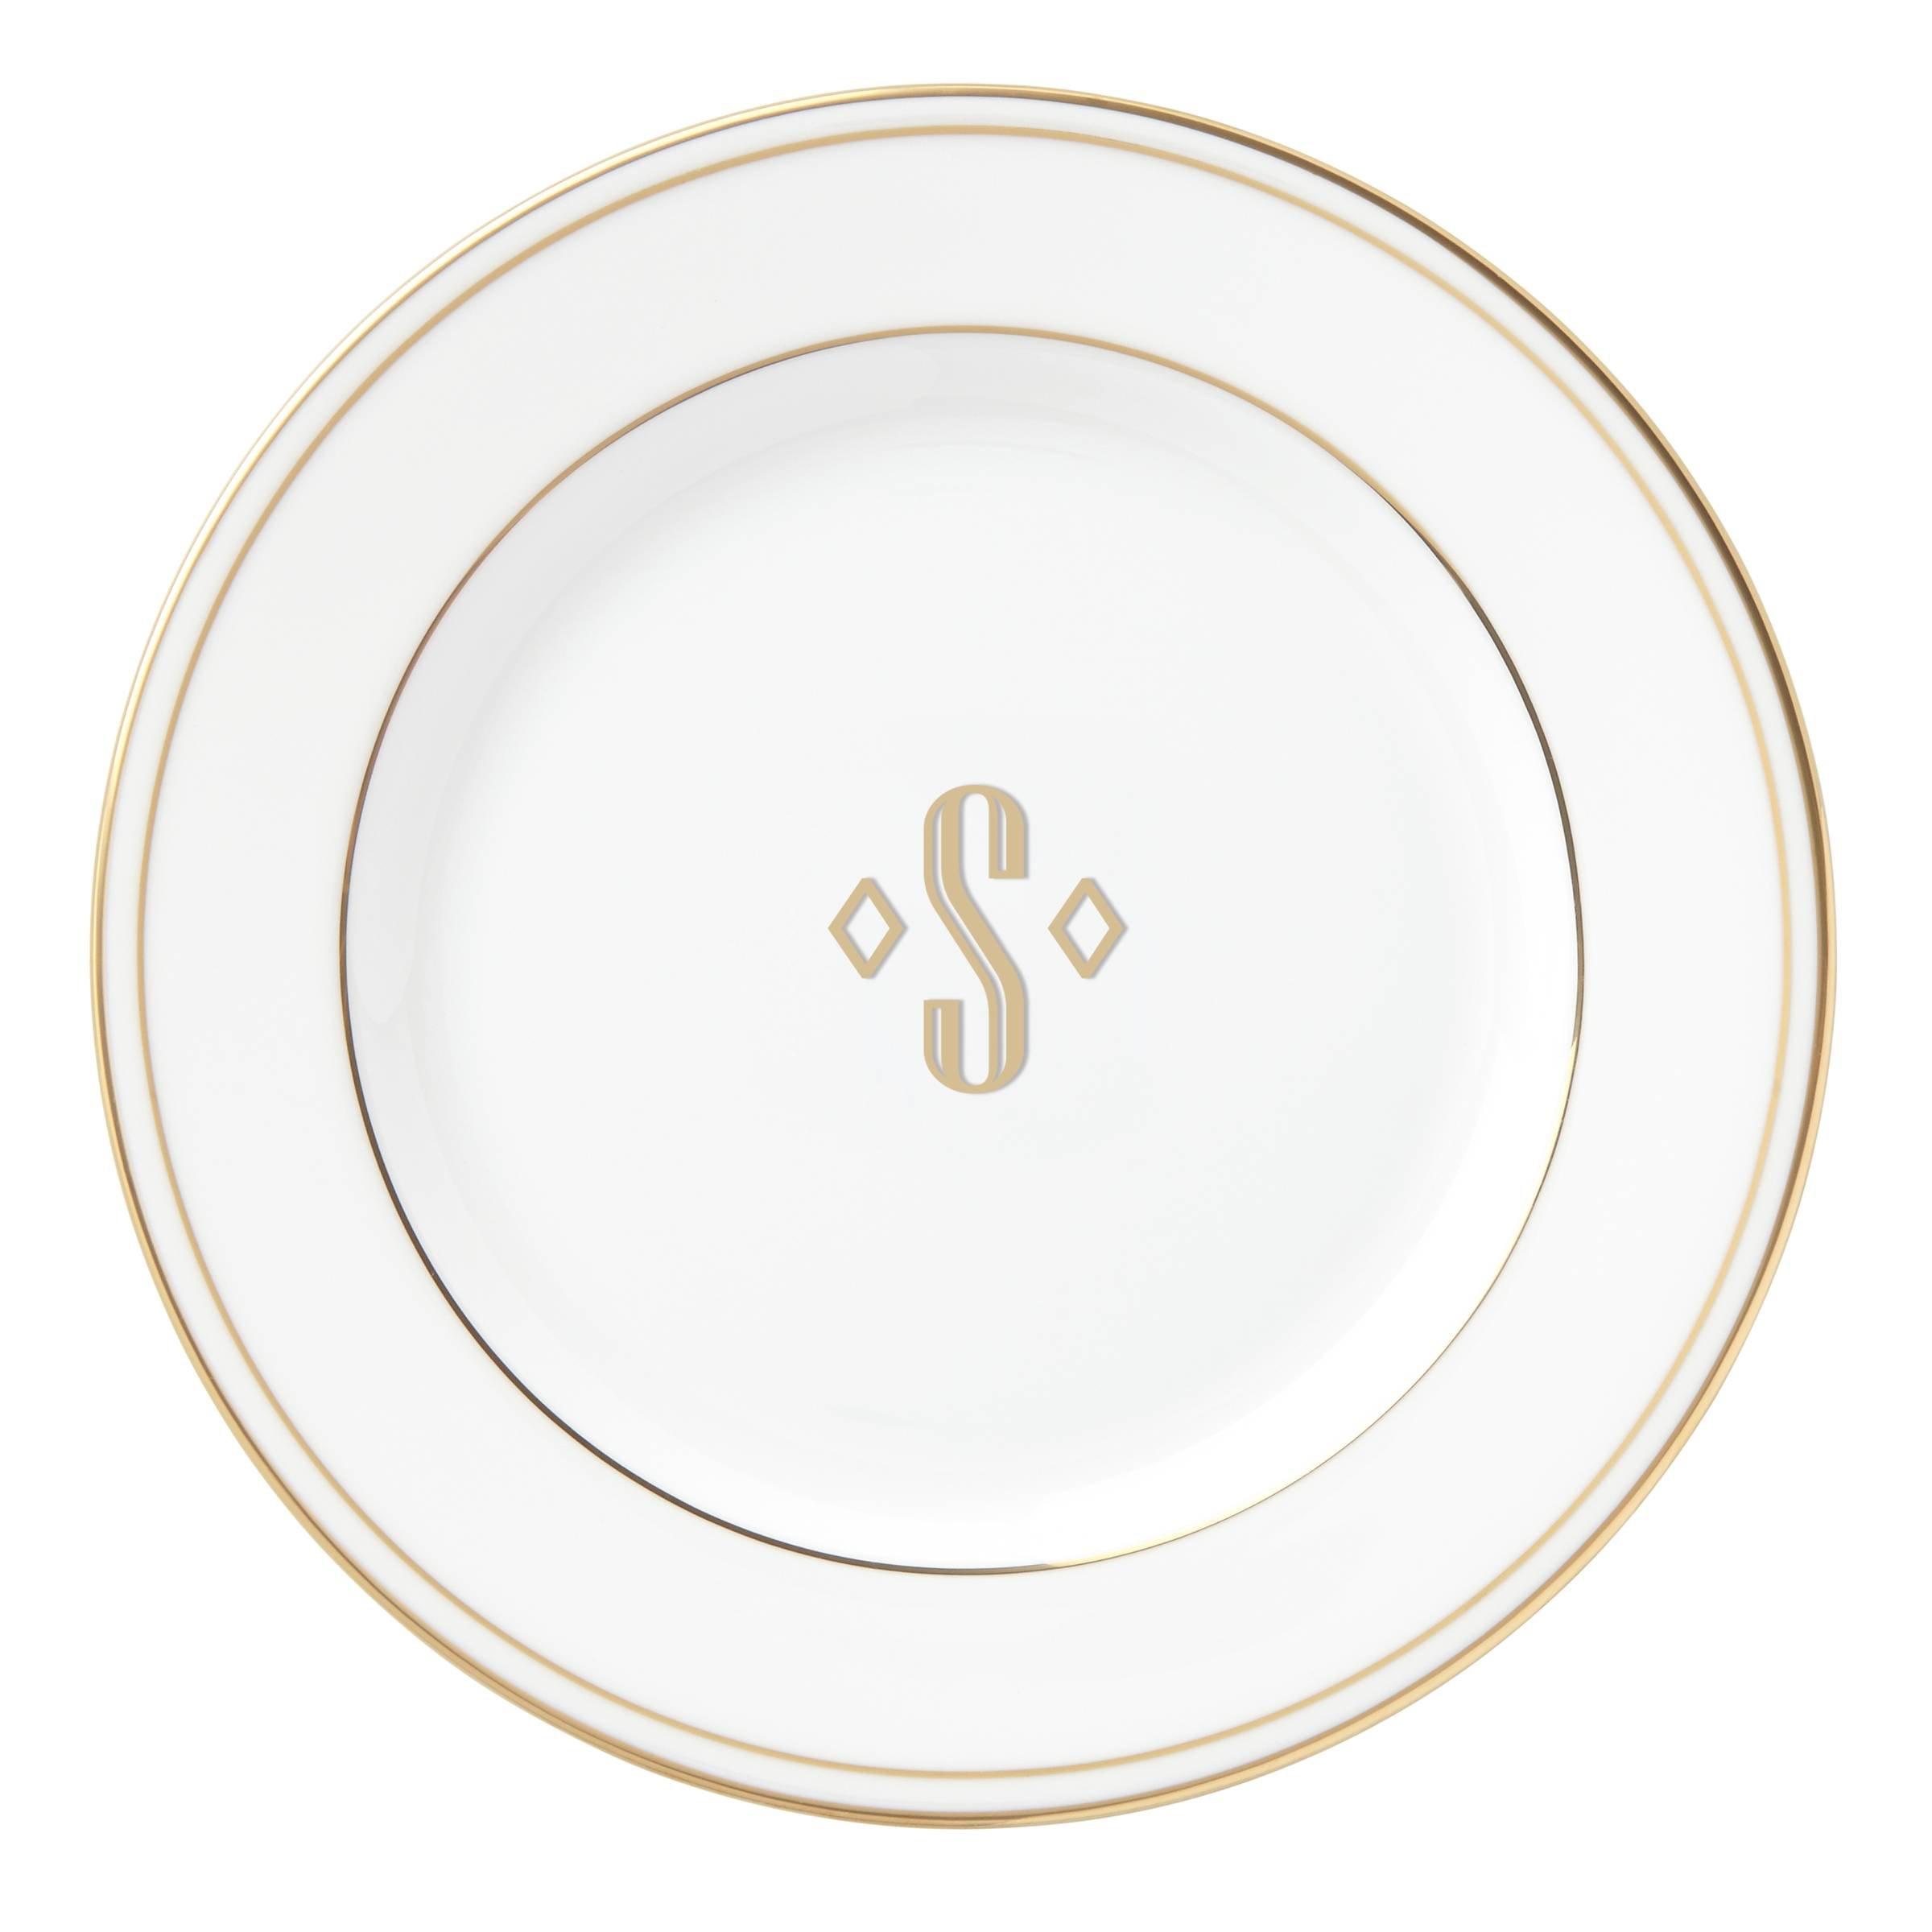 Lenox Federal Gold Block Monogram Dinnerware